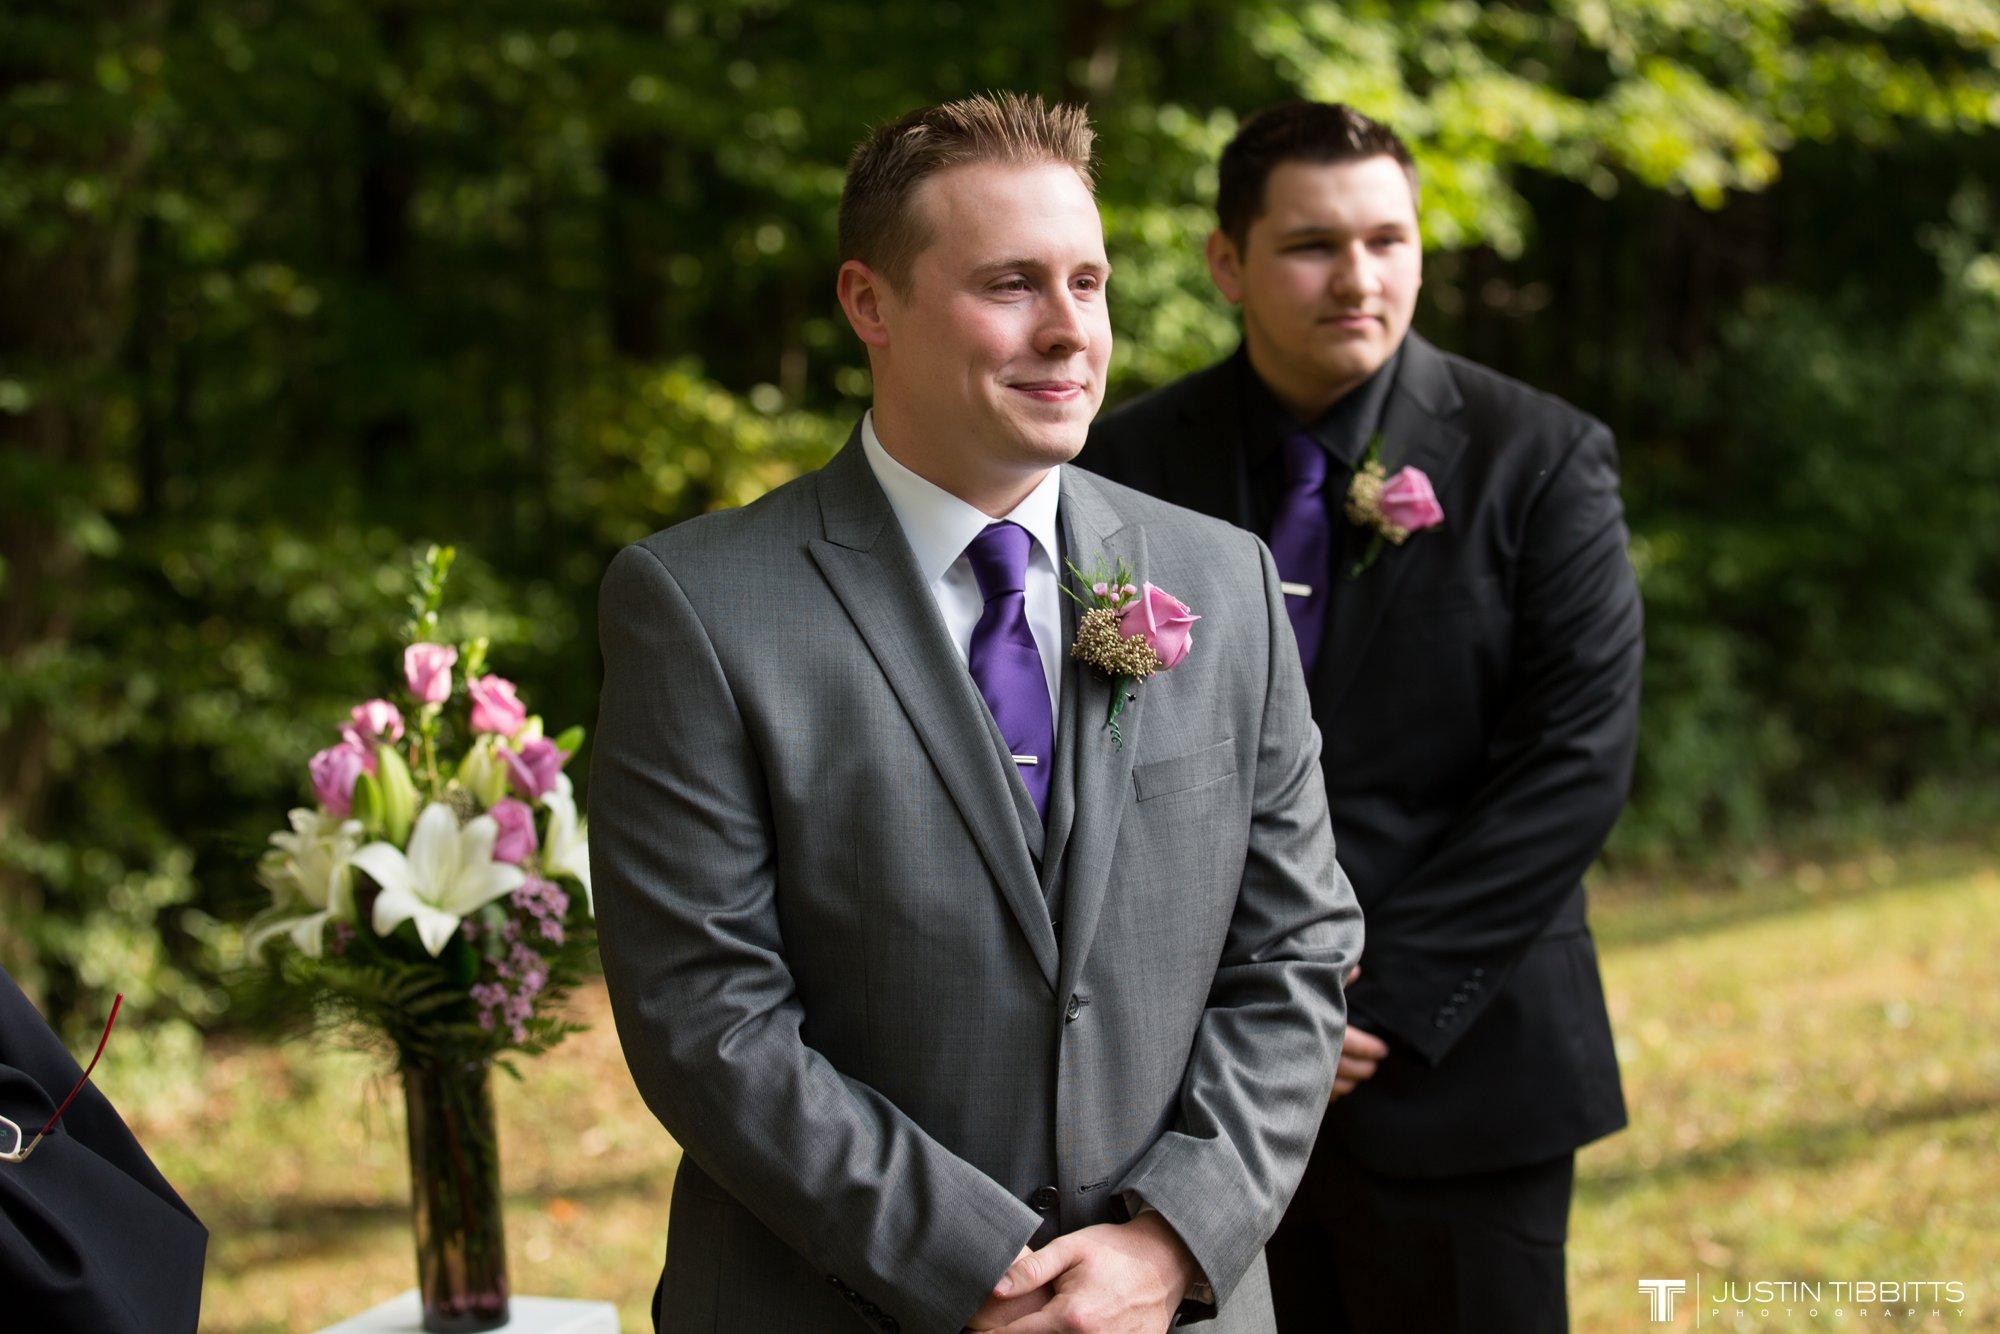 Justin Tibbitts Photography Rob and Brittany's Averill Park, NY Wedding_0375